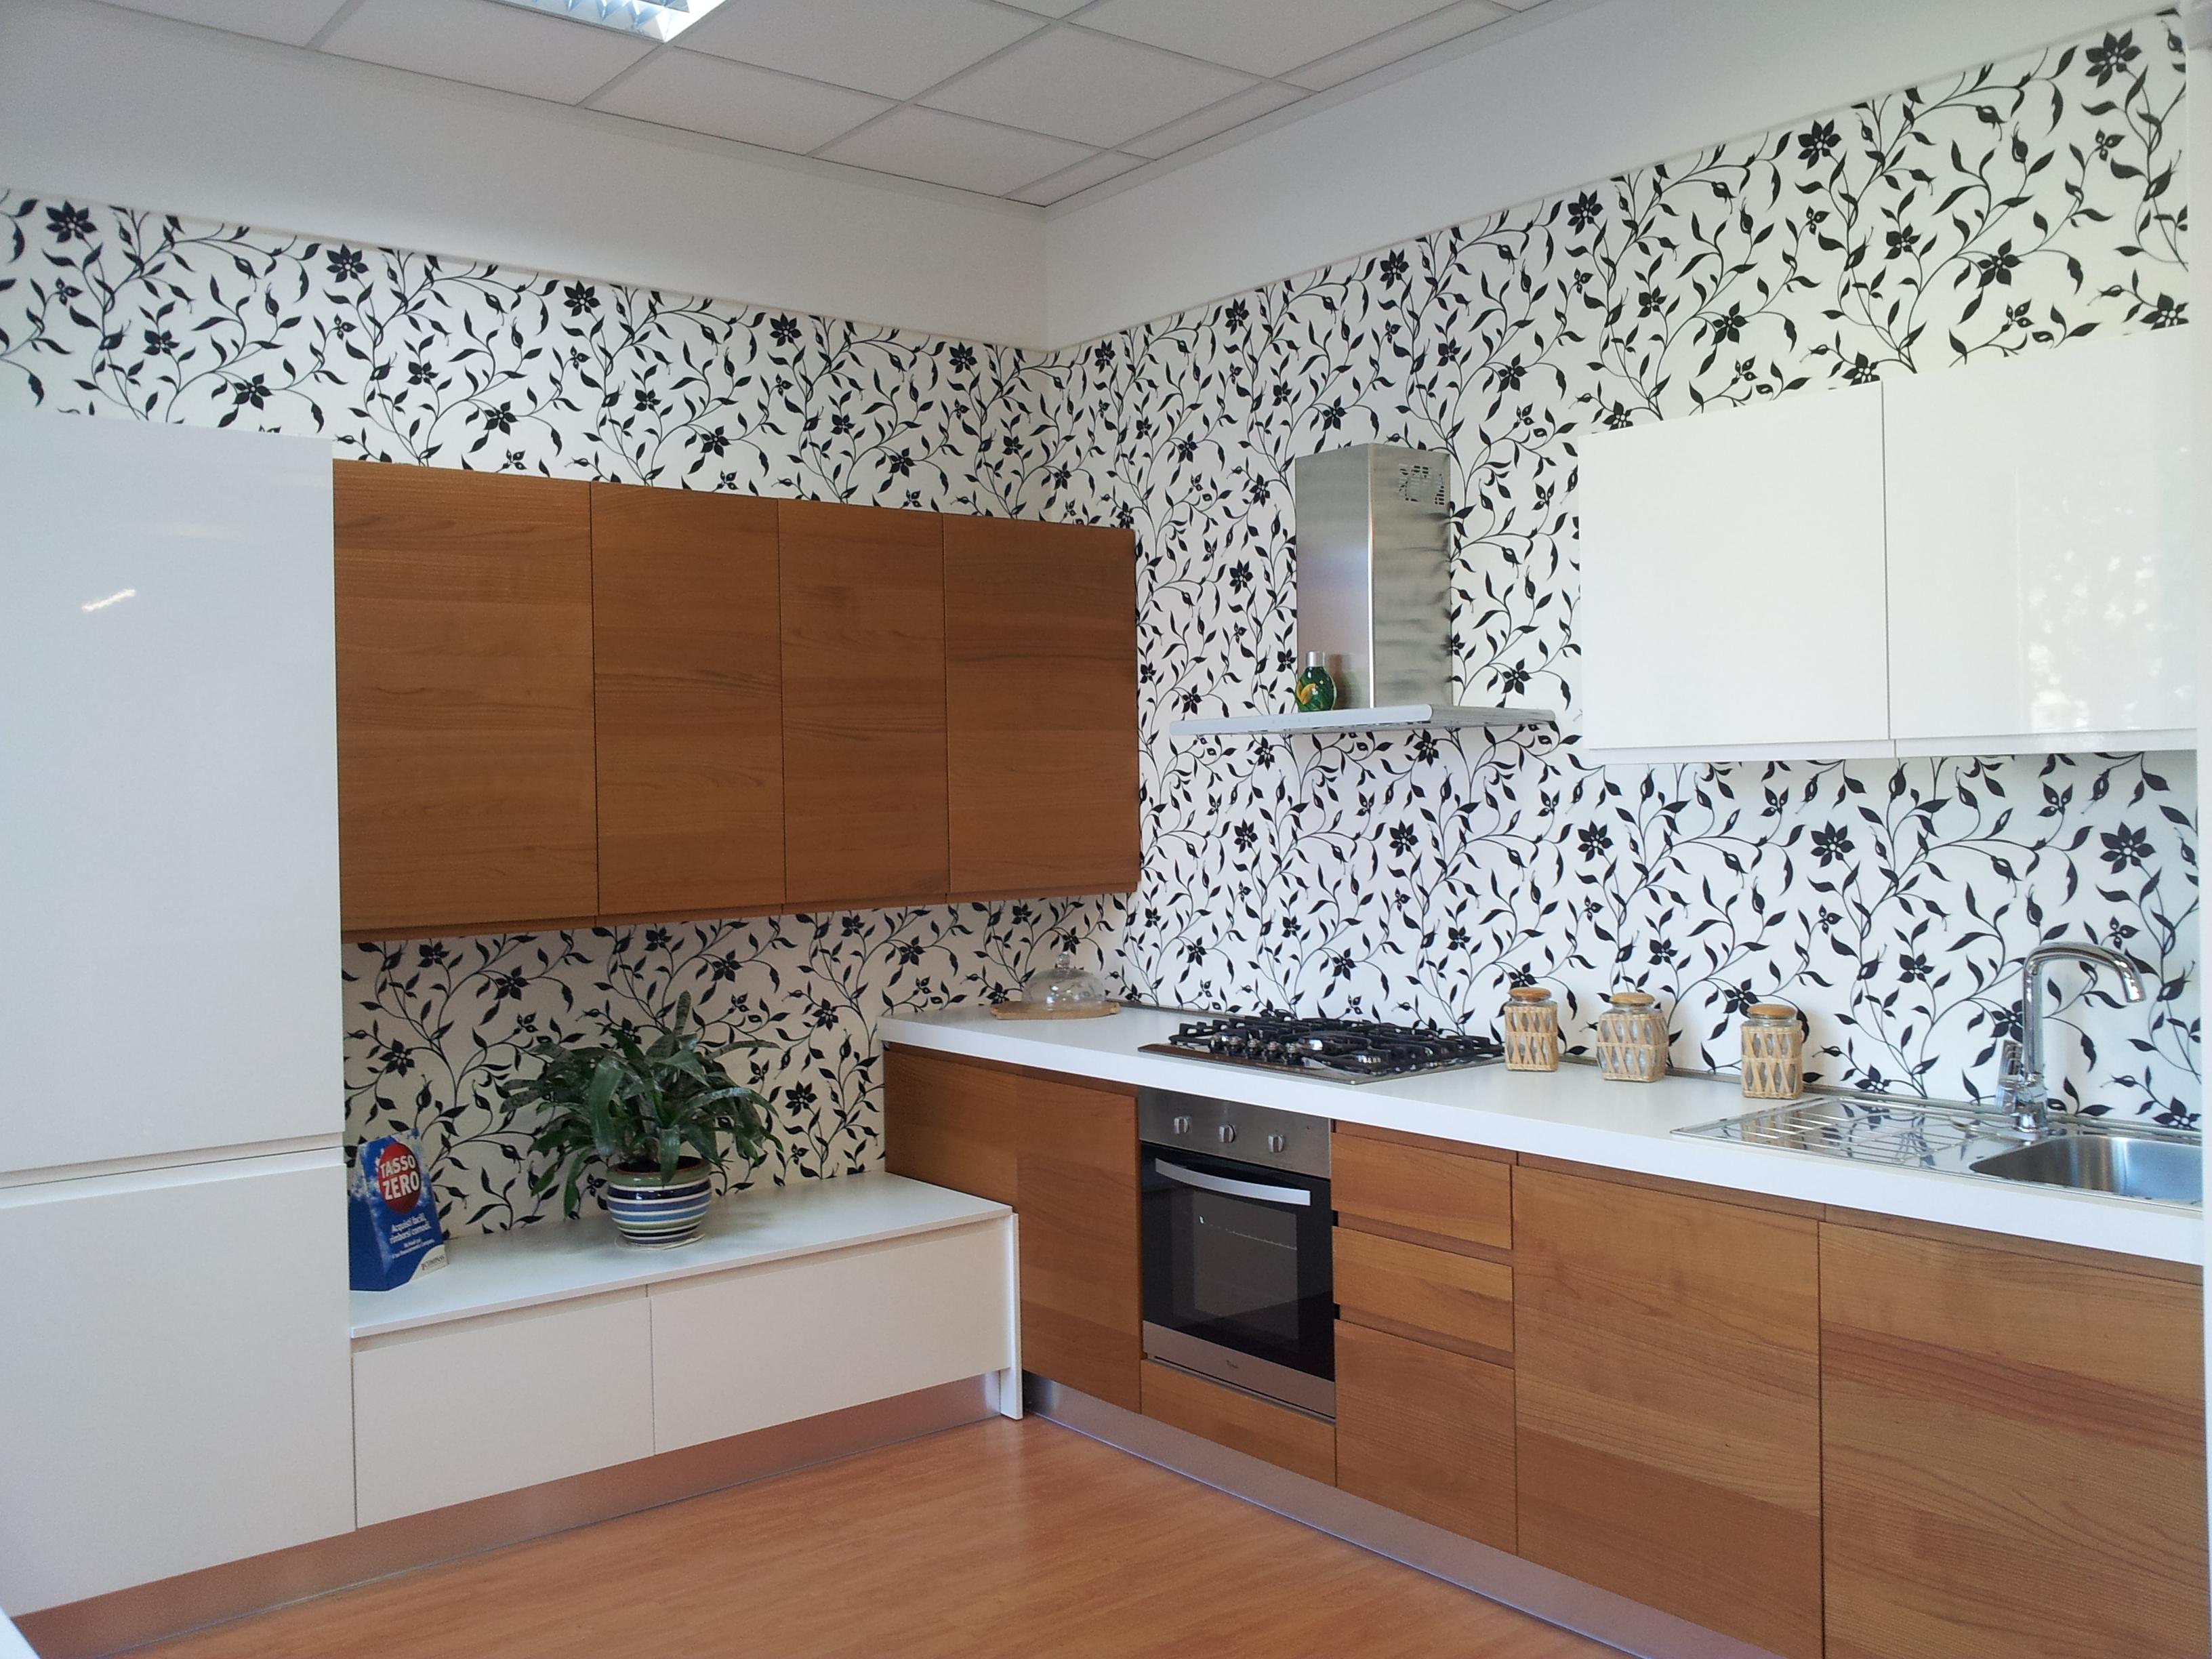 Cucine piccole ad angolo modernecucine piccole bianche : cucine a ...